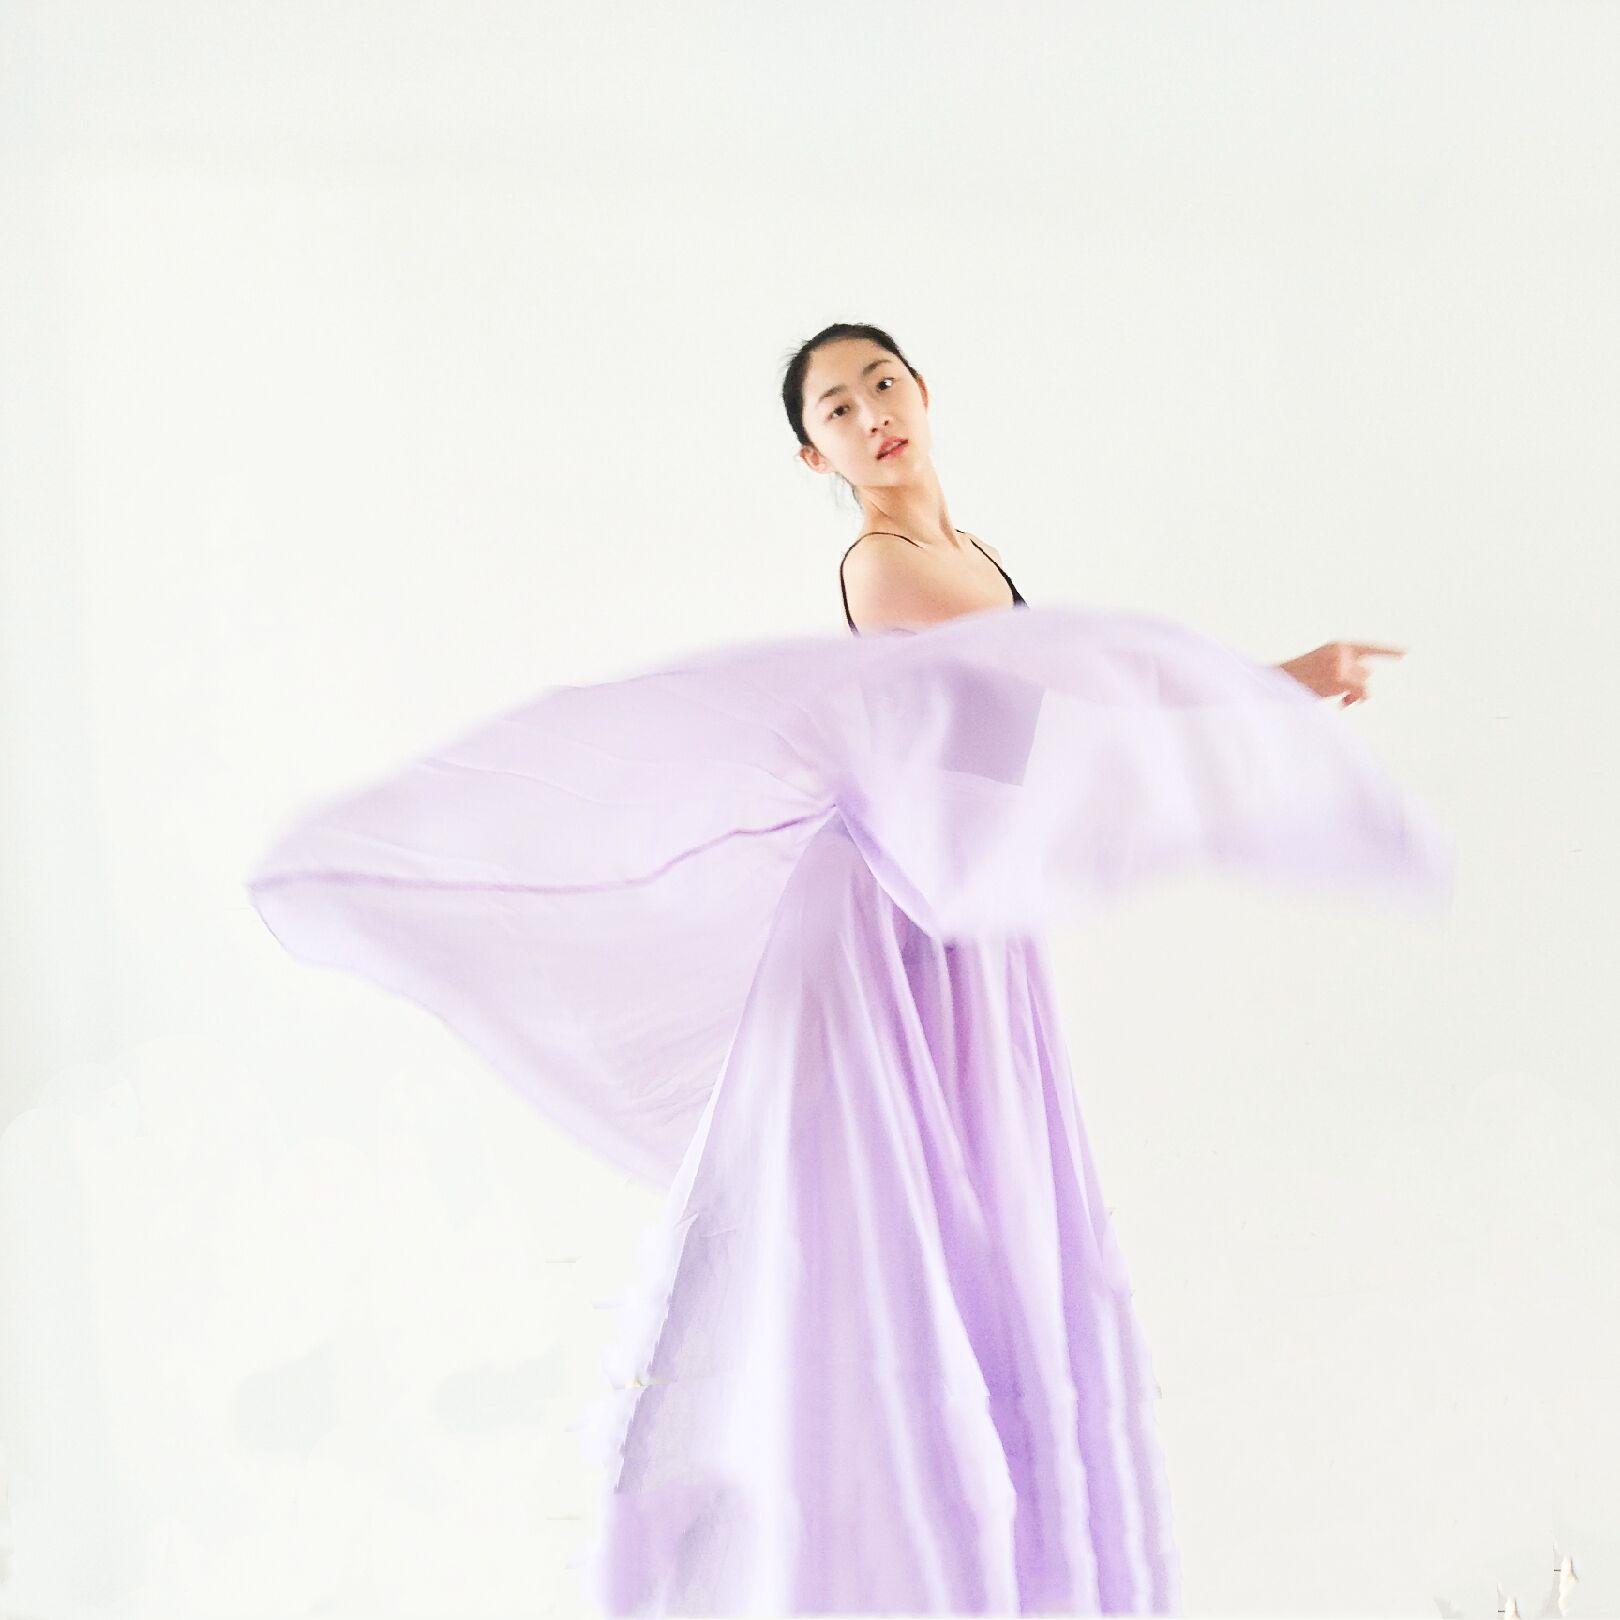 舞蹈表演服装中国风一片式长裙拍照裙芭蕾舞练习裙古典舞裙大摆主图